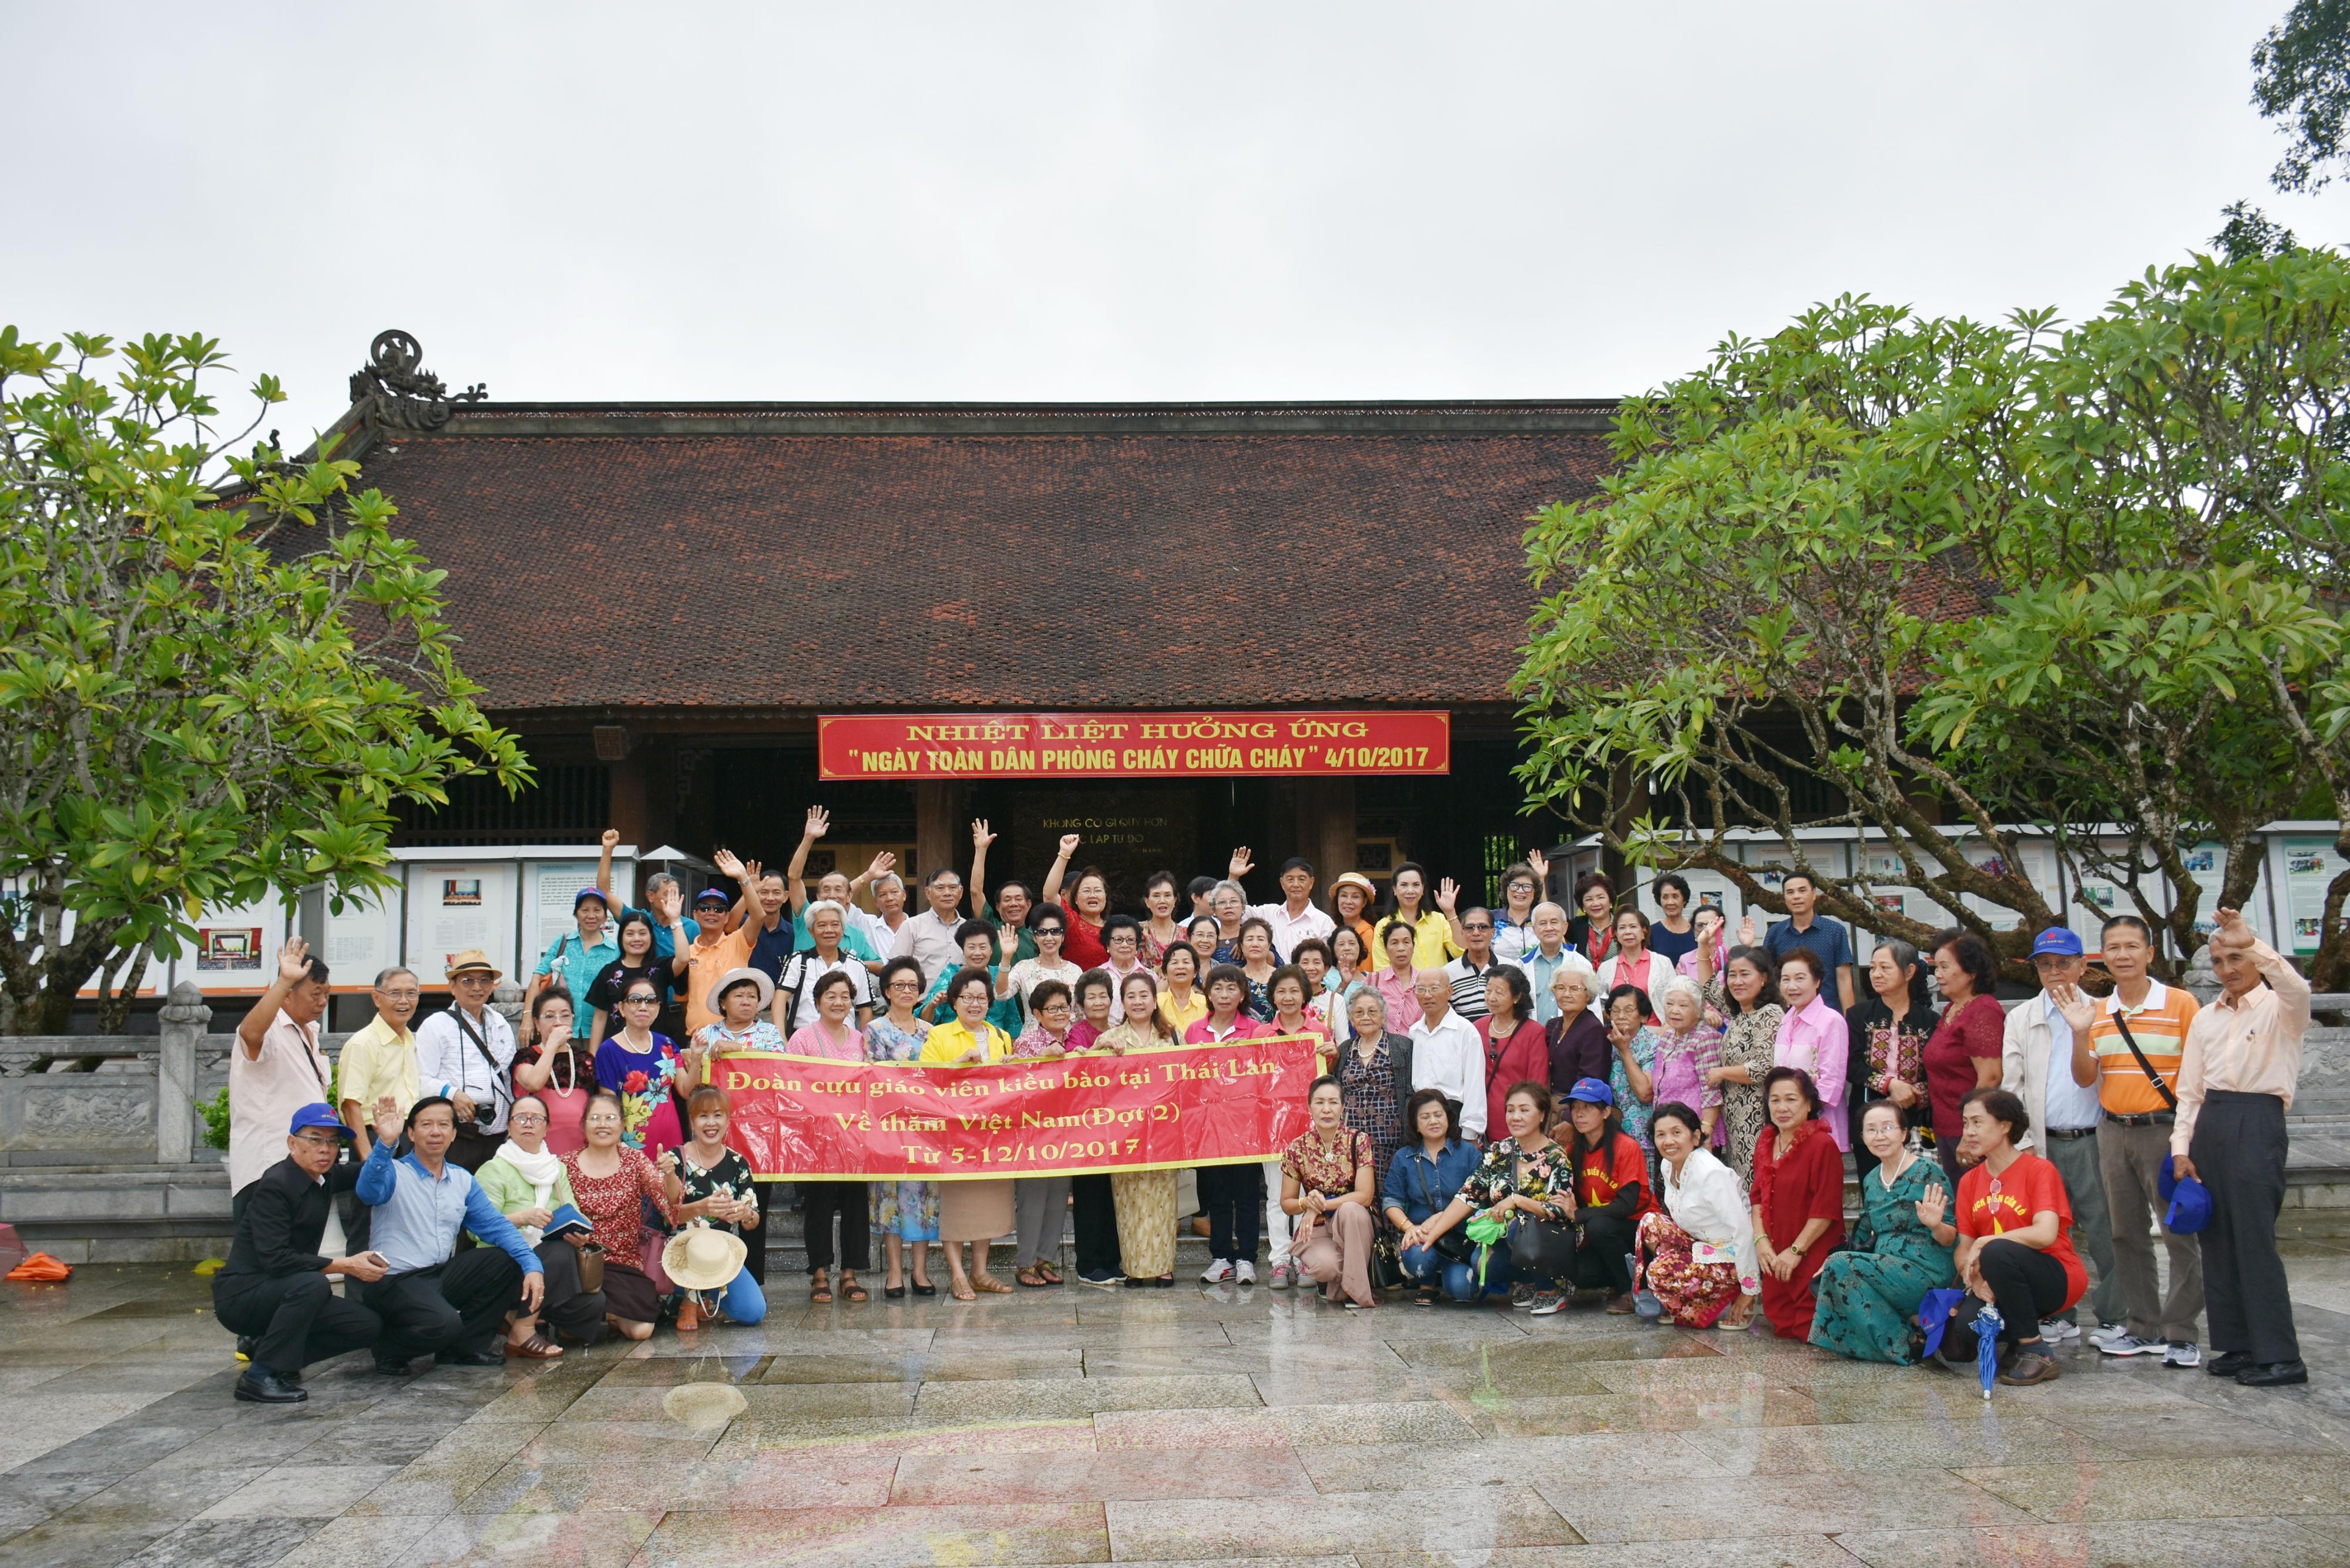 Chuyến về nguồn ý nghĩa của Đoàn cựu giáo viên kiều bào tại Thái Lan